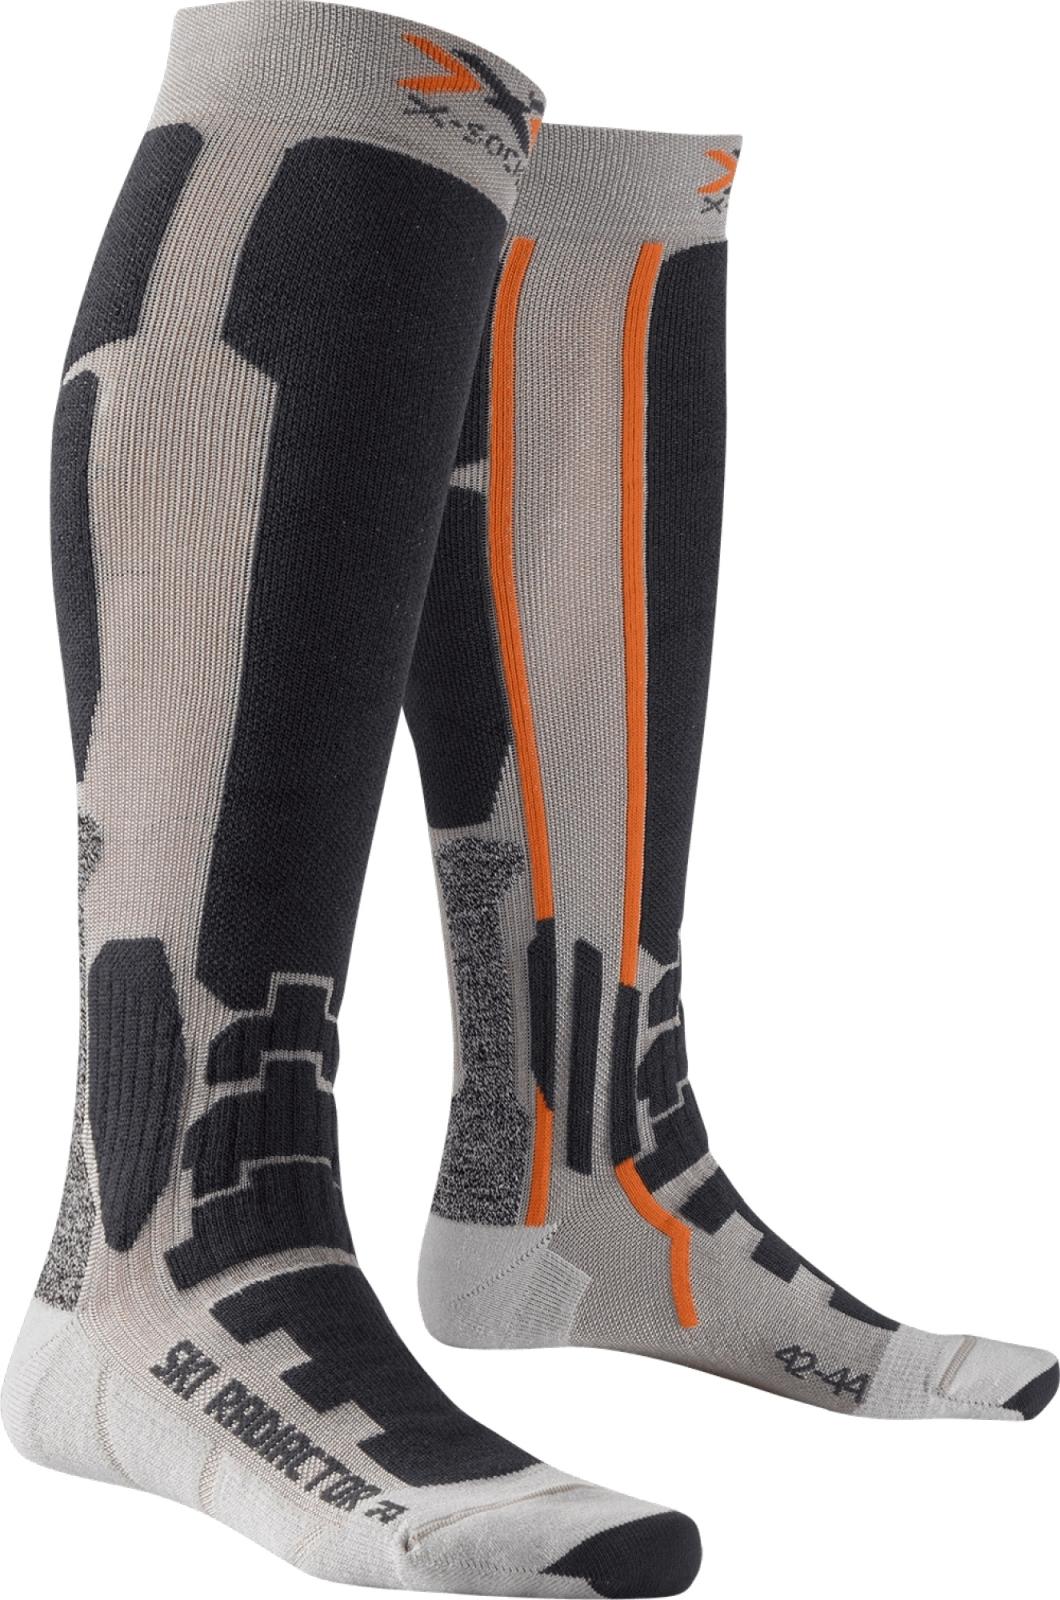 X-Socks Ski Radiactor Socks - Silver/Anthracite 45-47